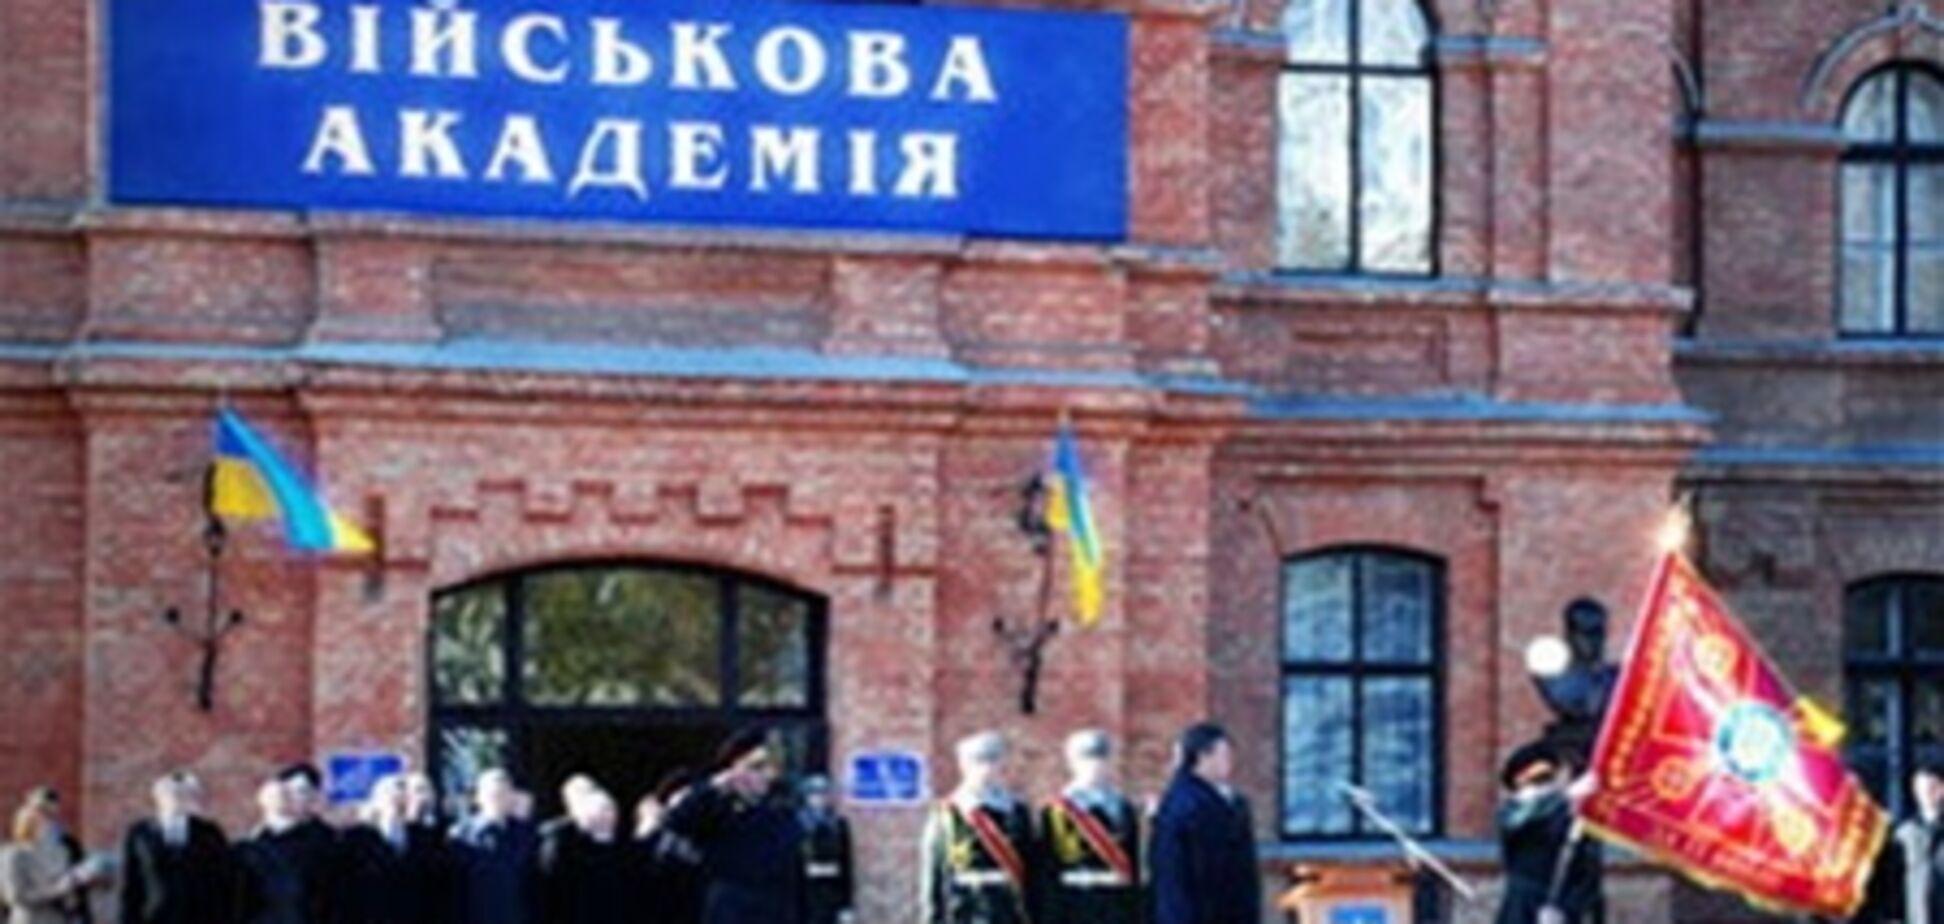 В Одесі закриють науковий центр з розробки бойових роботів